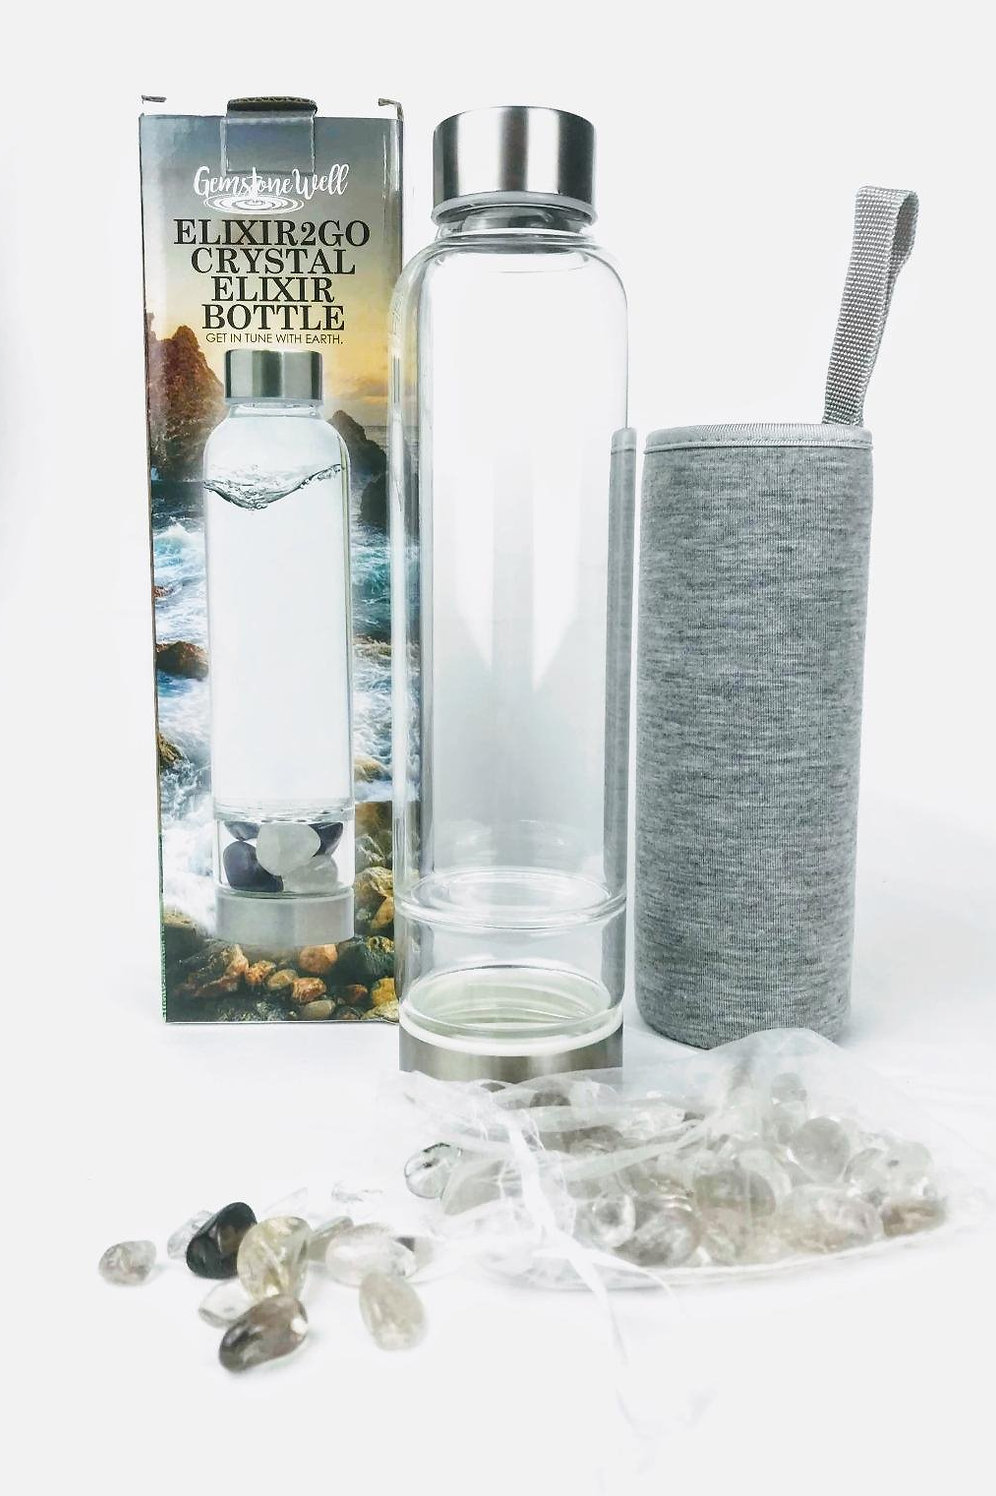 Crystal Elixir Bottle